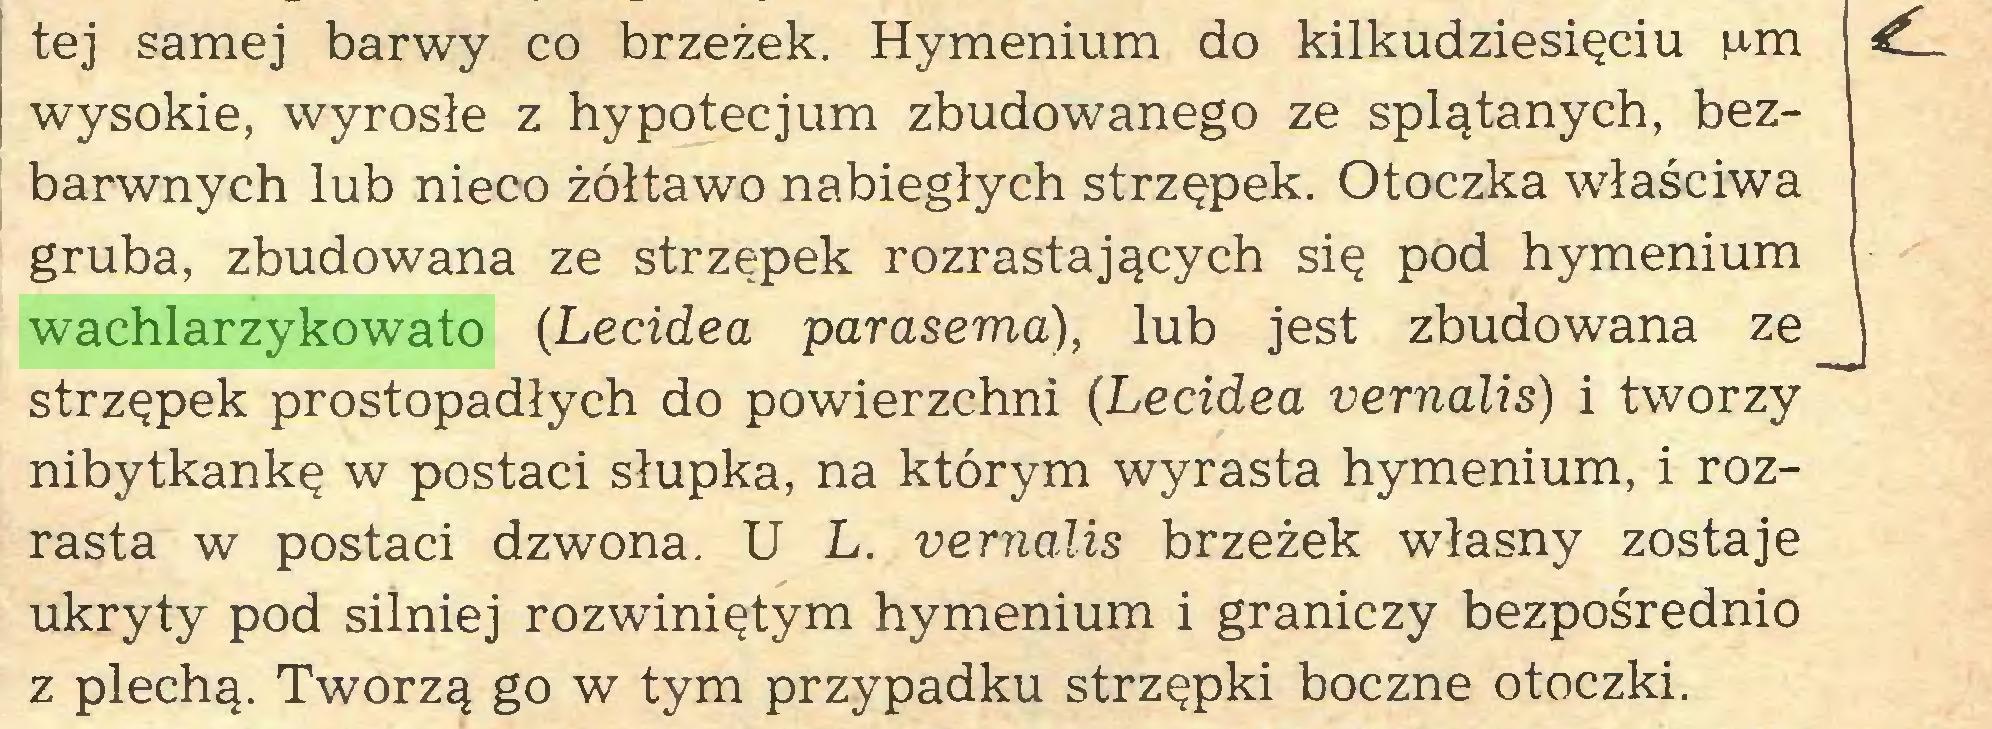 (...) tej samej barwy co brzeżek. Hymenium do kilkudziesięciu ¡urn ¿L wysokie, wyrosłe z hypotecjum zbudowanego ze splątanych, bezbarwnych lub nieco żółtawo nabiegłych strzępek. Otoczka właściwa gruba, zbudowana ze strzępek rozrastających się pod hymenium wachlarzykowato (Lecidea parasema), lub jest zbudowana ze \ strzępek prostopadłych do powierzchni (Lecidea vernalis) i tworzy nibytkankę w postaci słupka, na którym wyrasta hymenium, i rozrasta w postaci dzwona. U L. vernalis brzeżek własny zostaje ukryty pod silniej rozwiniętym hymenium i graniczy bezpośrednio z plechą. Tworzą go w tym przypadku strzępki boczne otoczki...